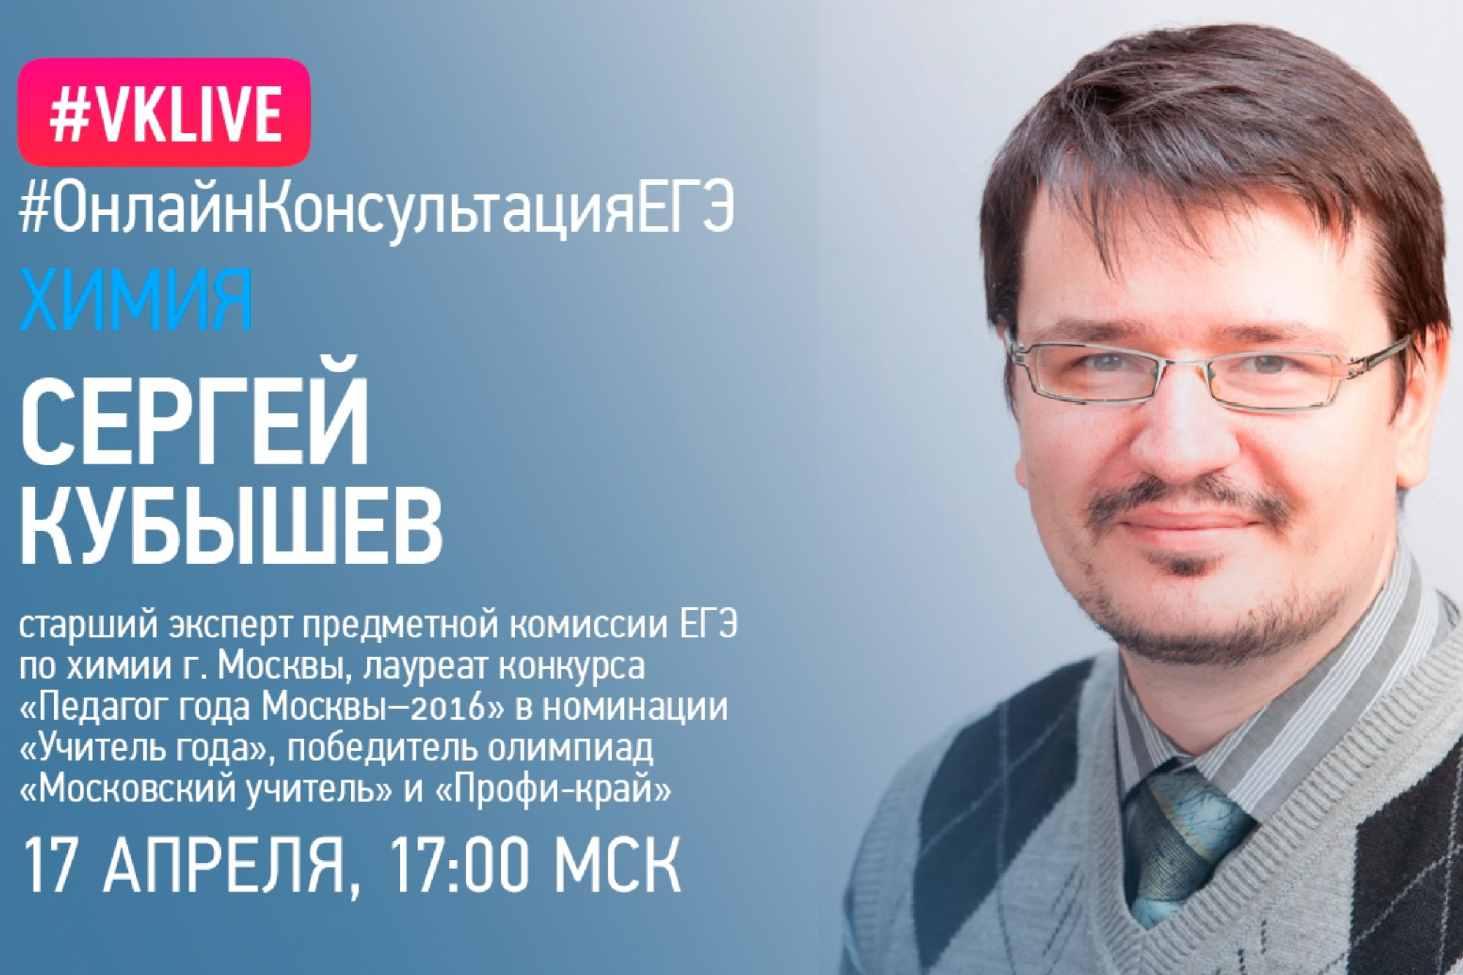 konsultatsiyu-dlya-uchastnikov-ege-po-himii-provedet-pedagog-goda-moskvy-2016-sergej-kubyshev